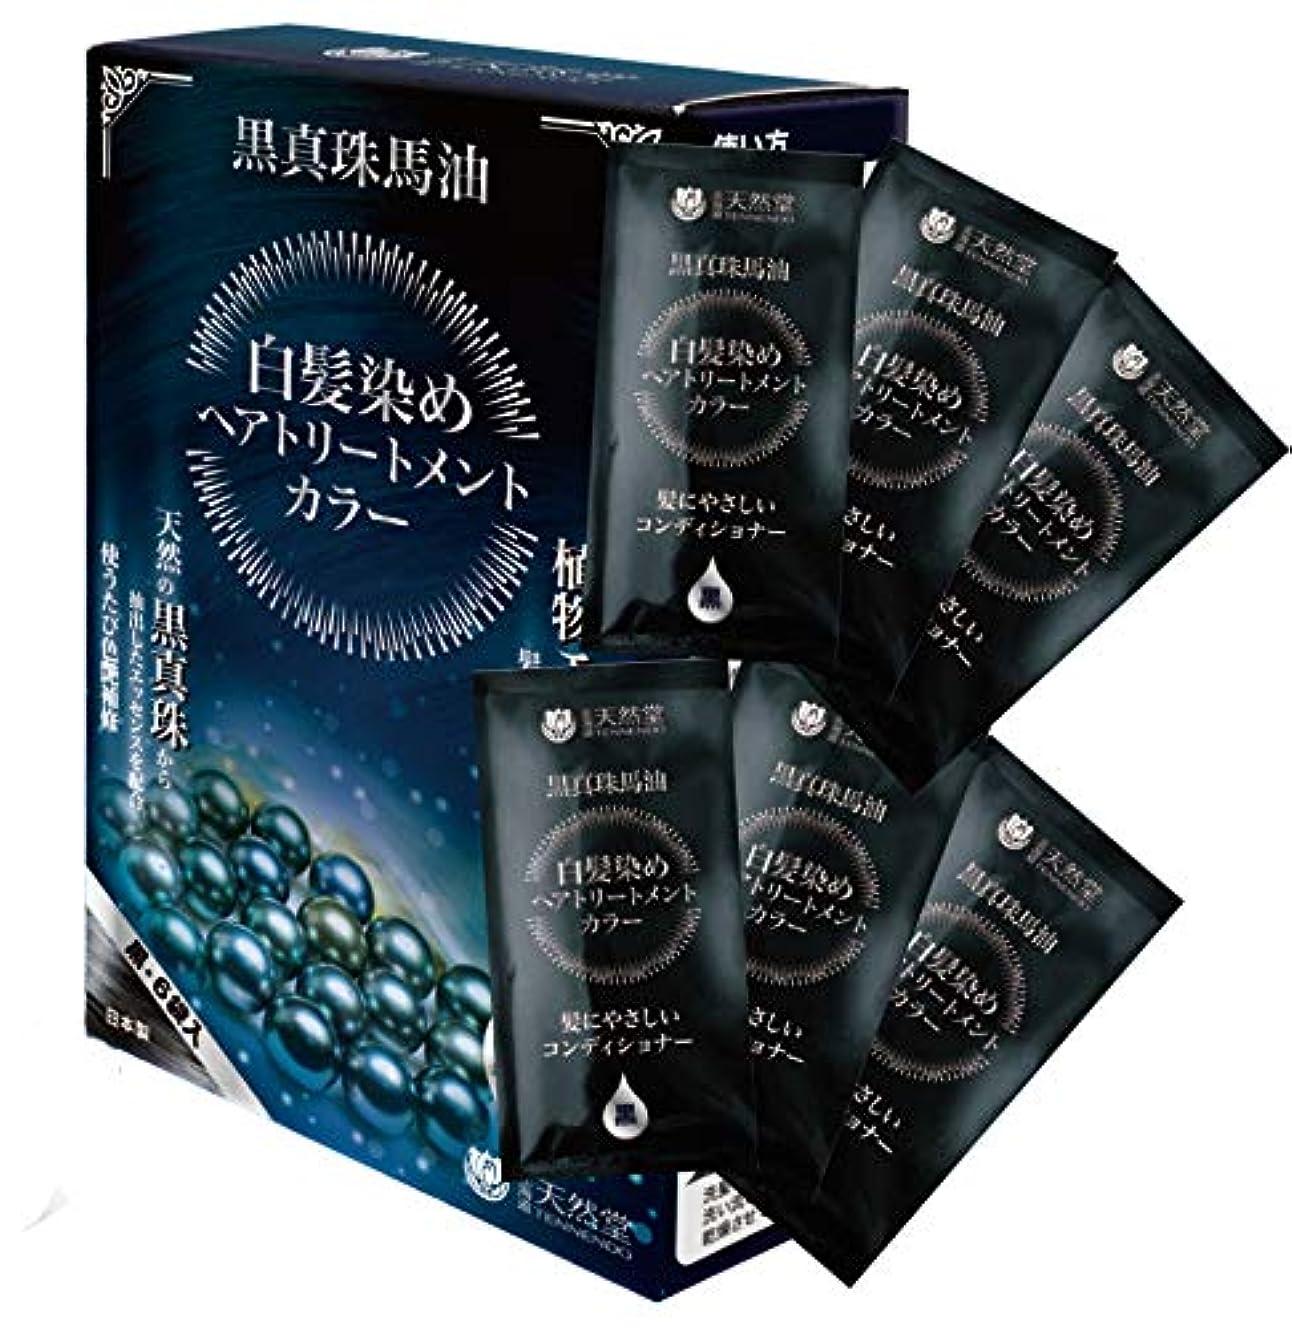 メンバースムーズに宗教黒真珠馬油 白髪染め へアトリートメントカラー (黒) 20g×6 / 北海道天然堂